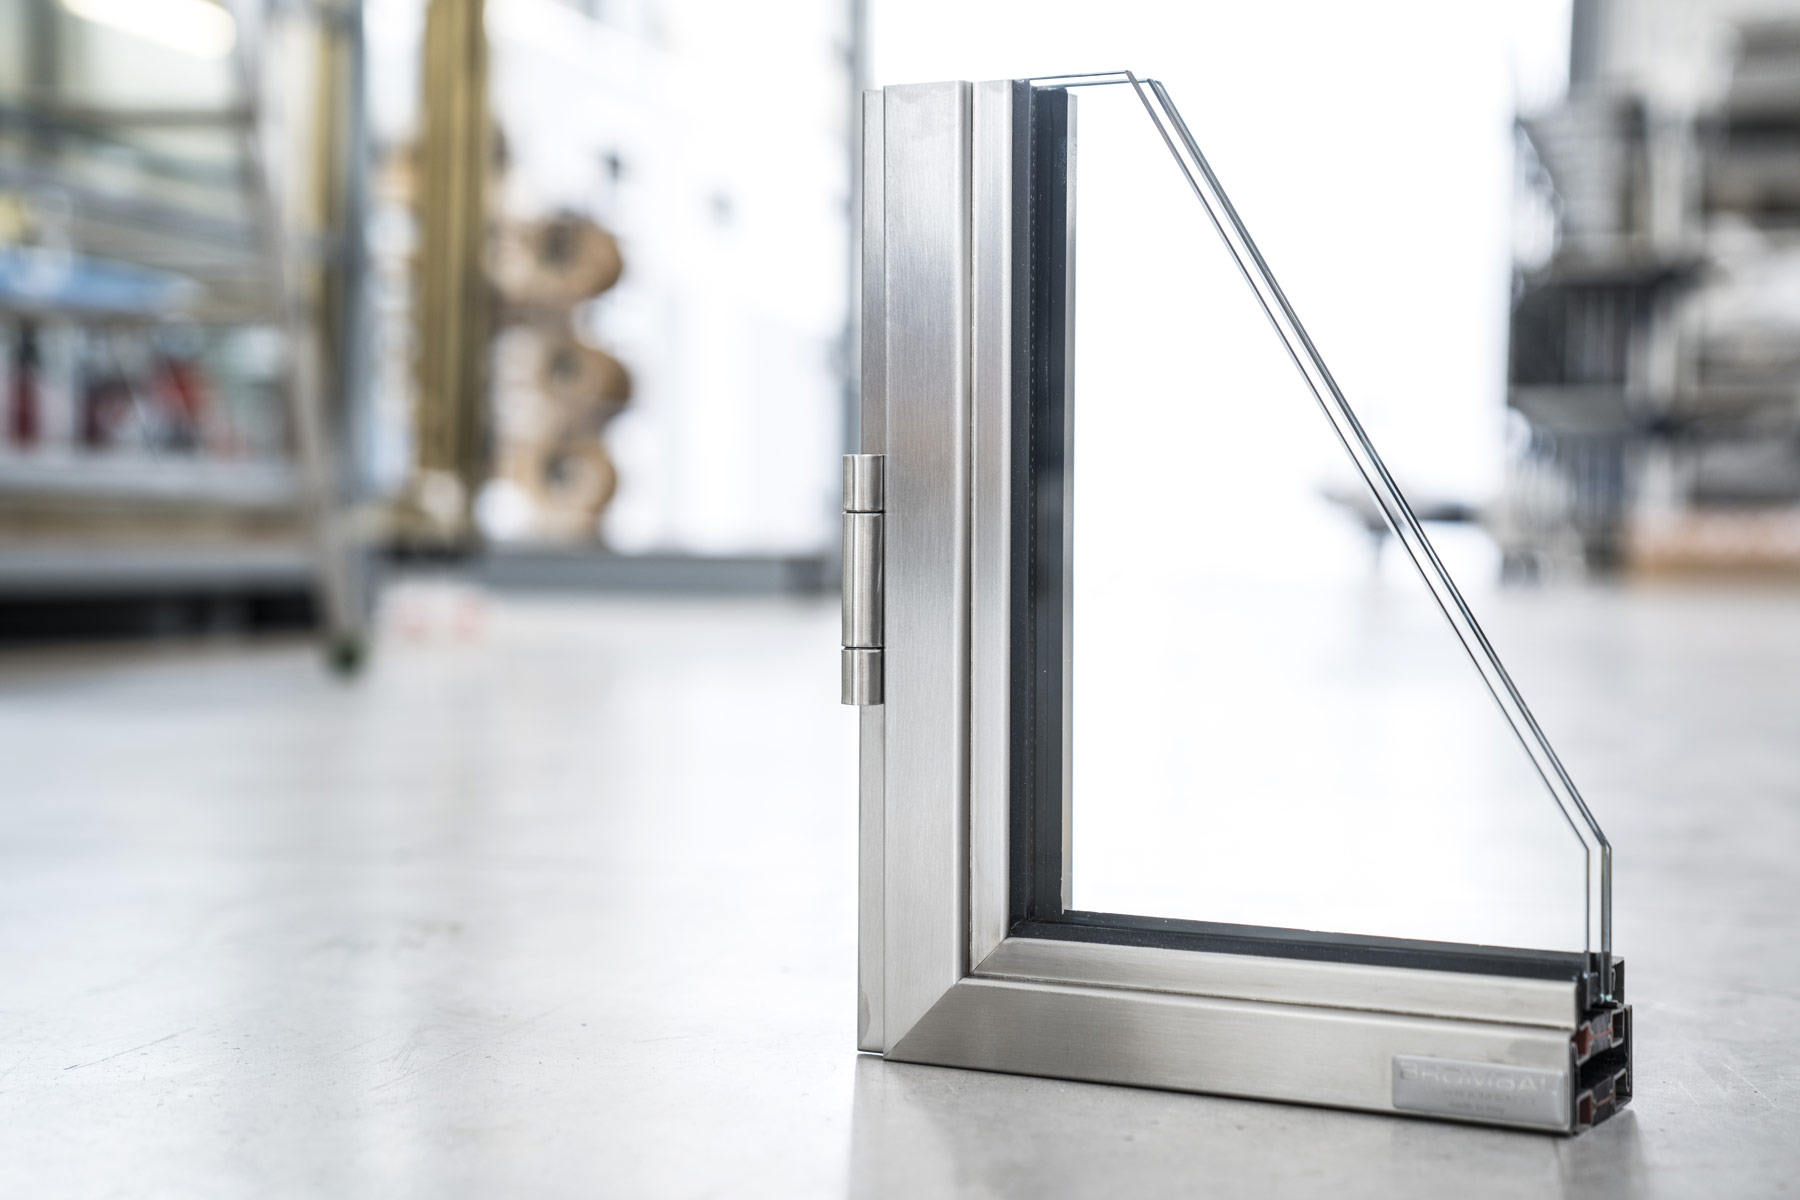 metal window and door mock-up